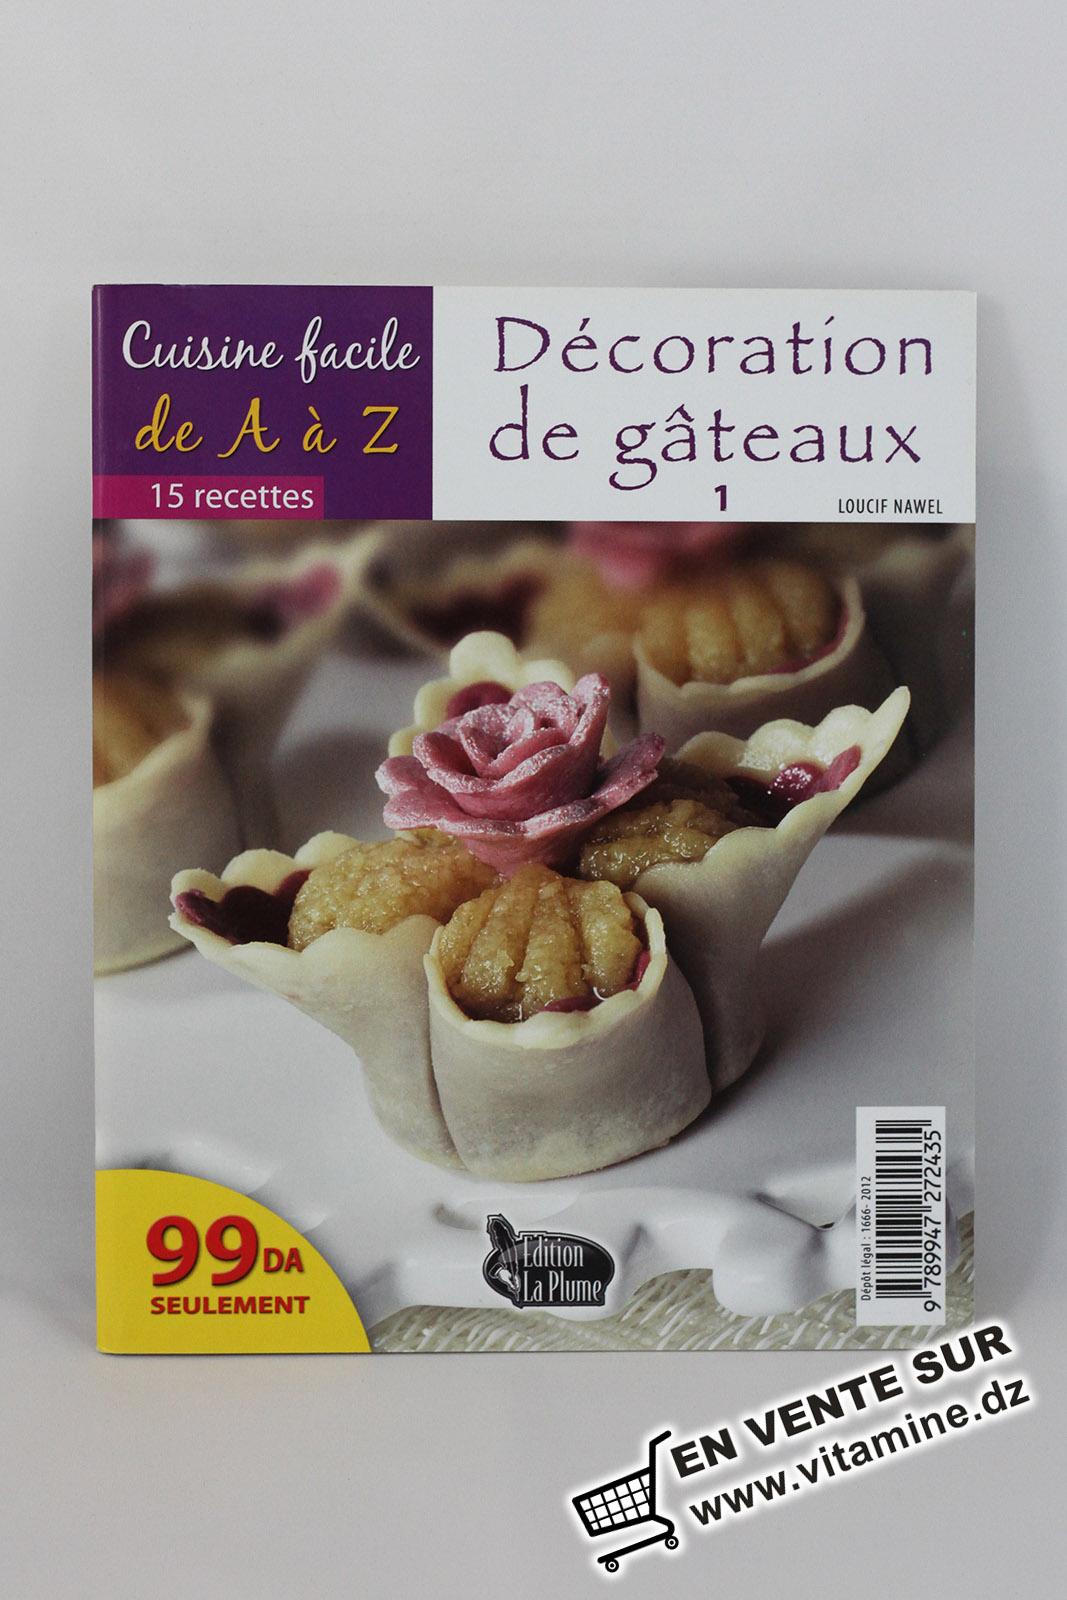 Cuisine facile de A à Z - Décoration de gâteaux 1